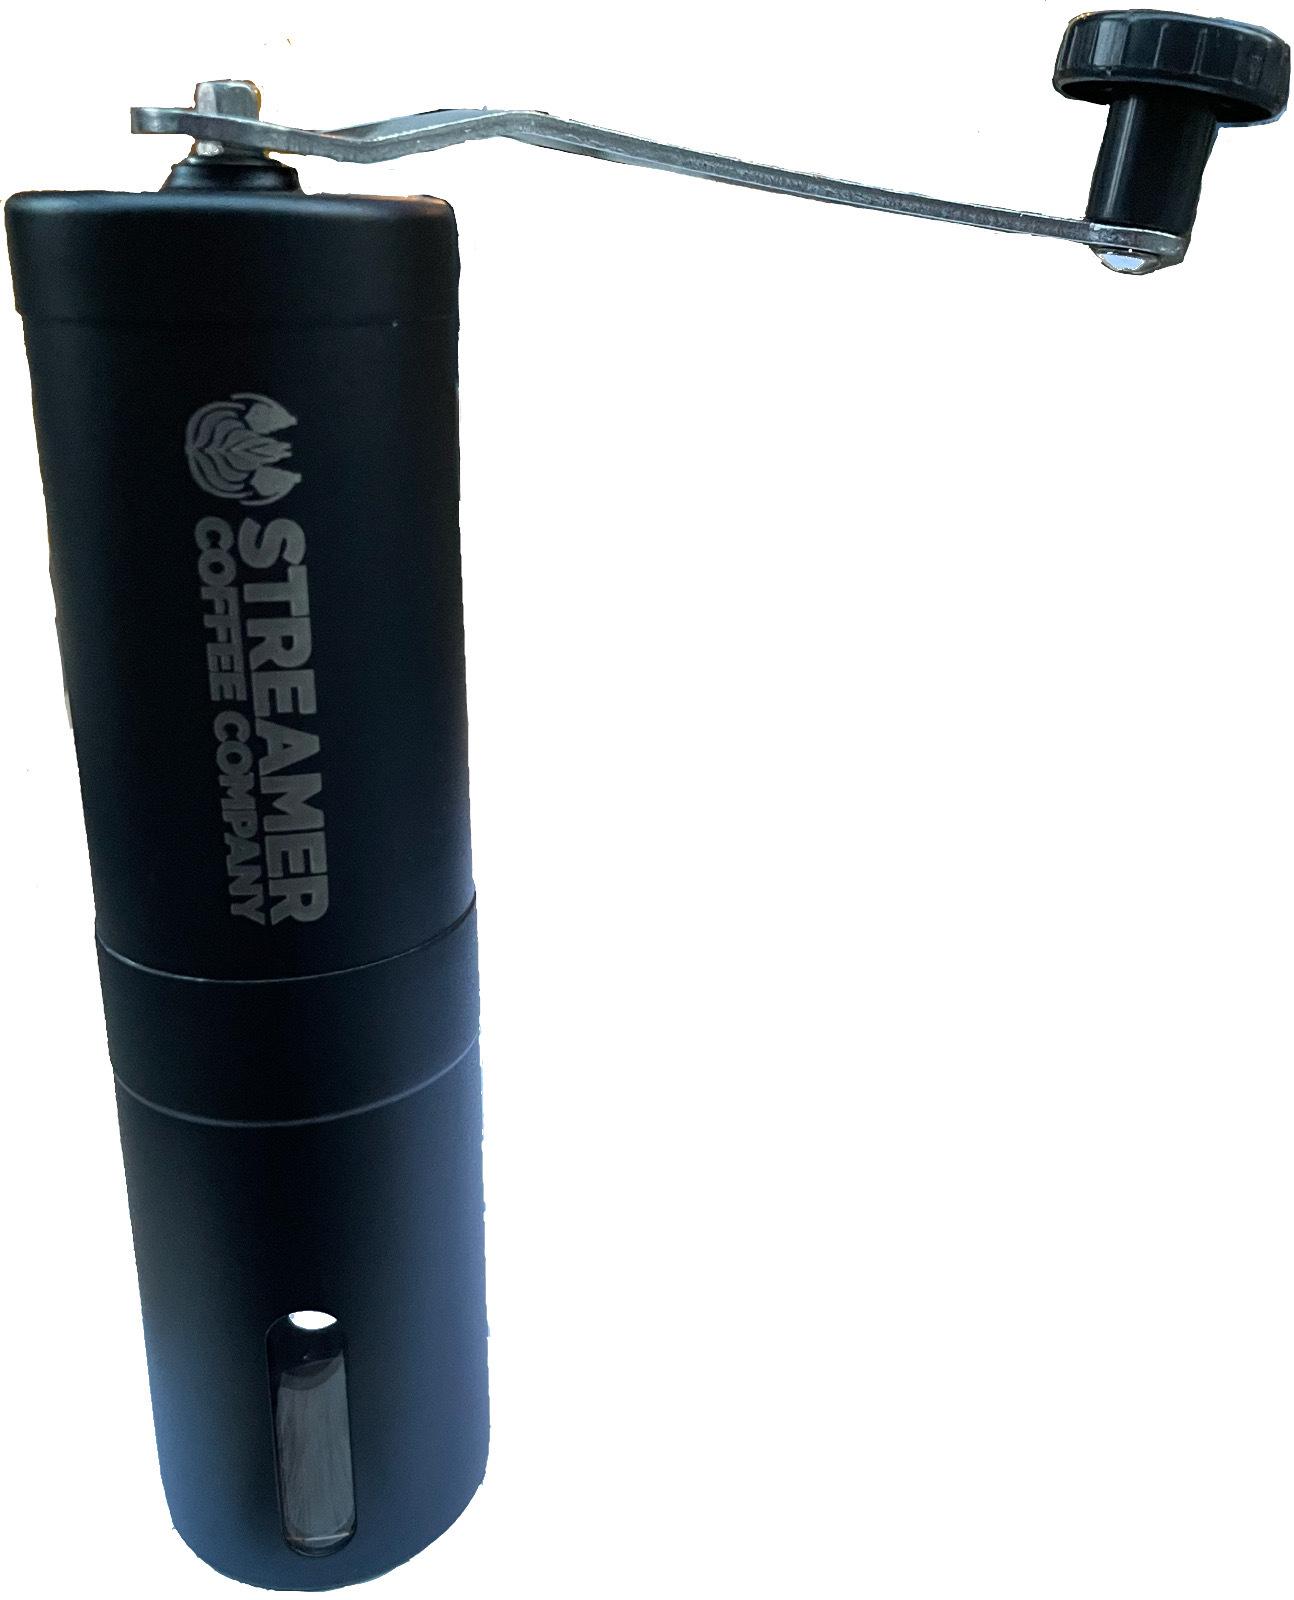 手動式コーヒーミル グラインダー  ブラック